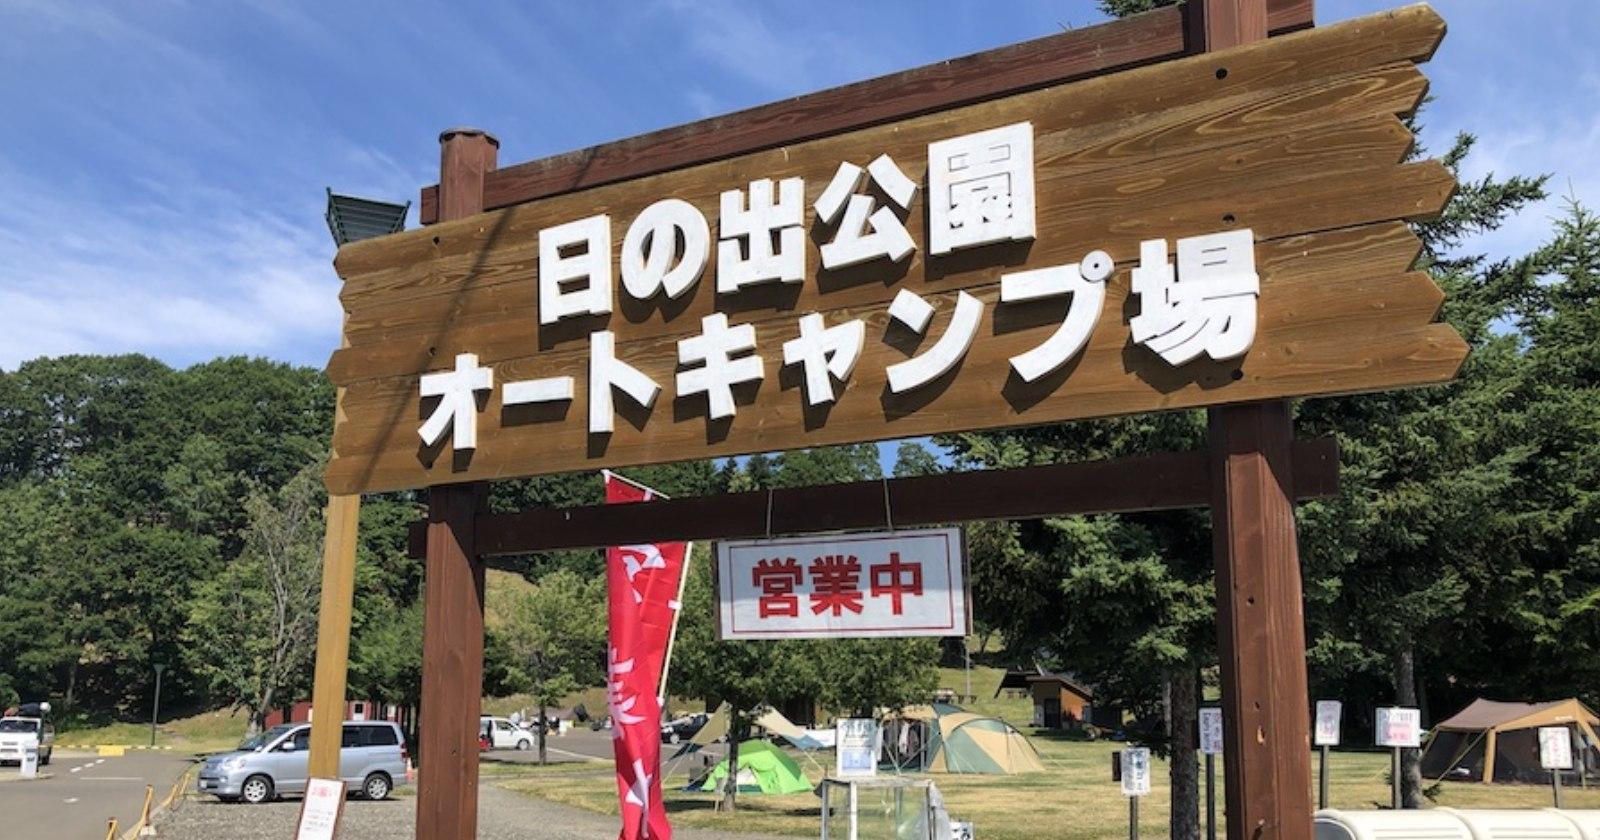 【北海道空知郡】上富良野町日の出公園オートキャンプ場|展望台からラベンダー畑や十勝岳連峰を一望!